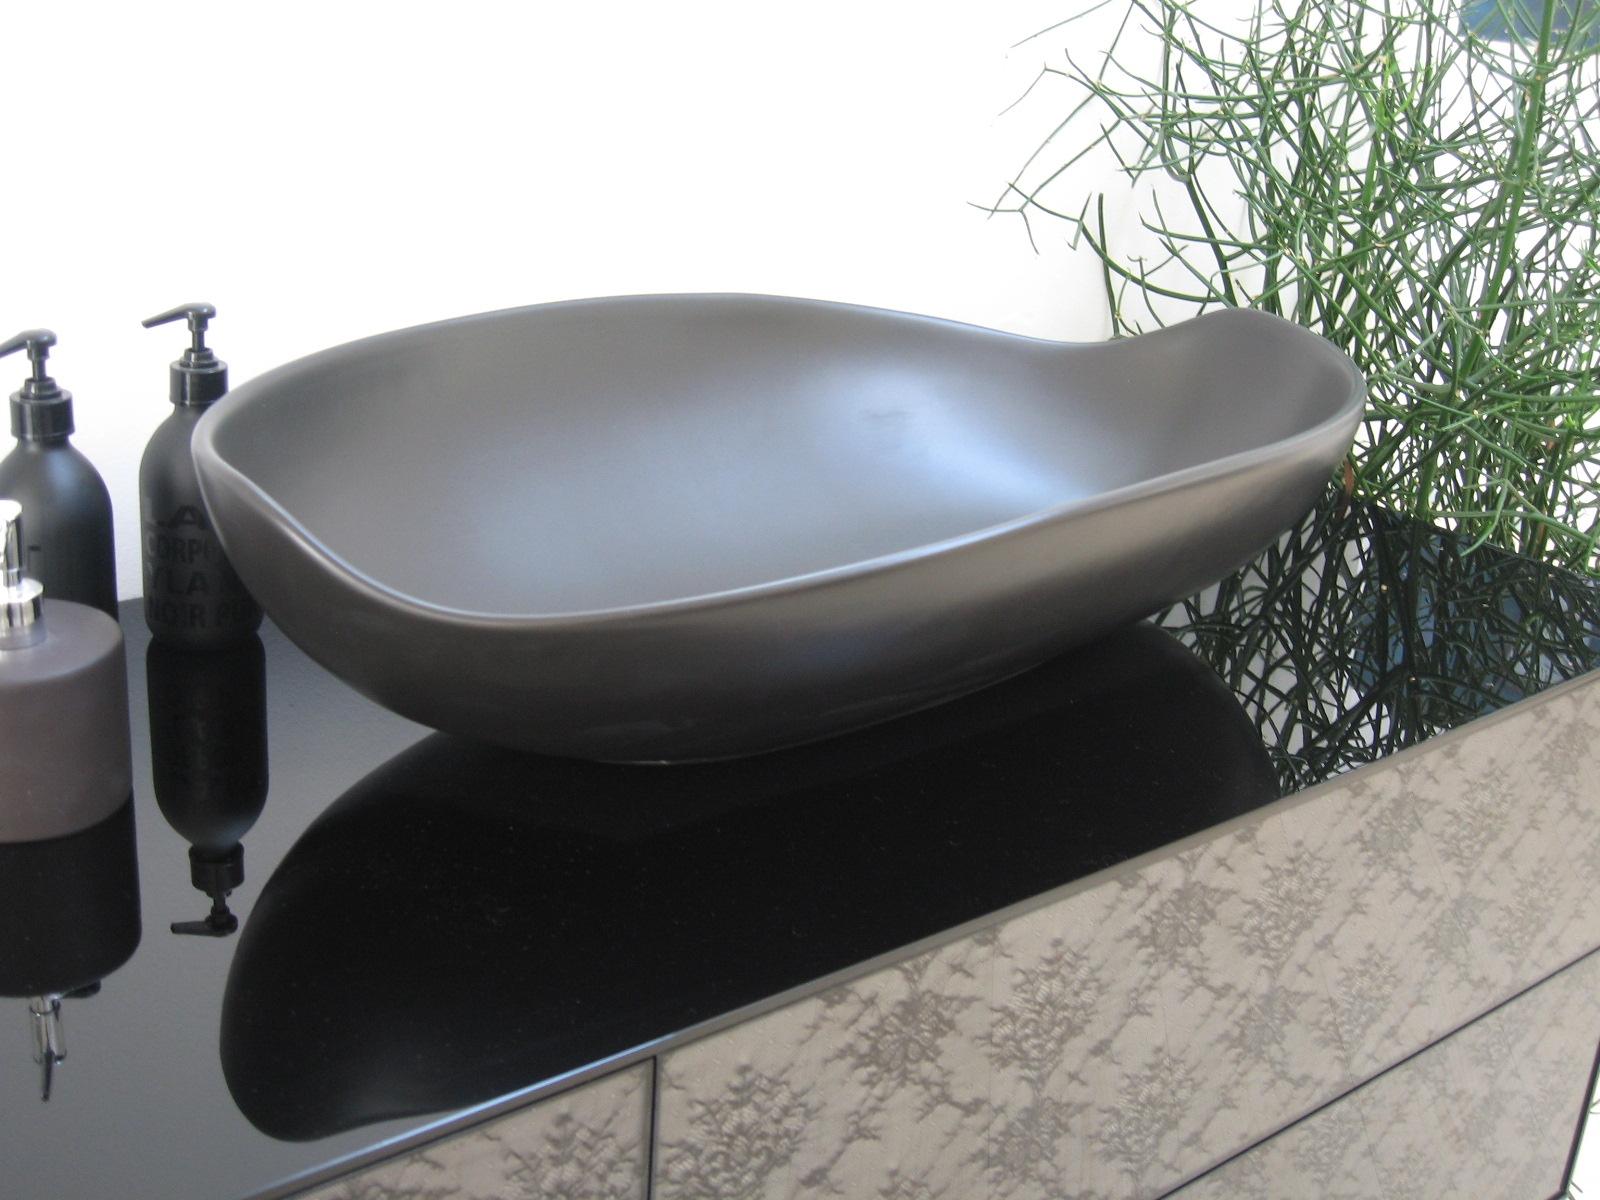 Arlex lavabo appoggio miyuki nero satinato design ceramica for Arredo bagno lavabo sospeso